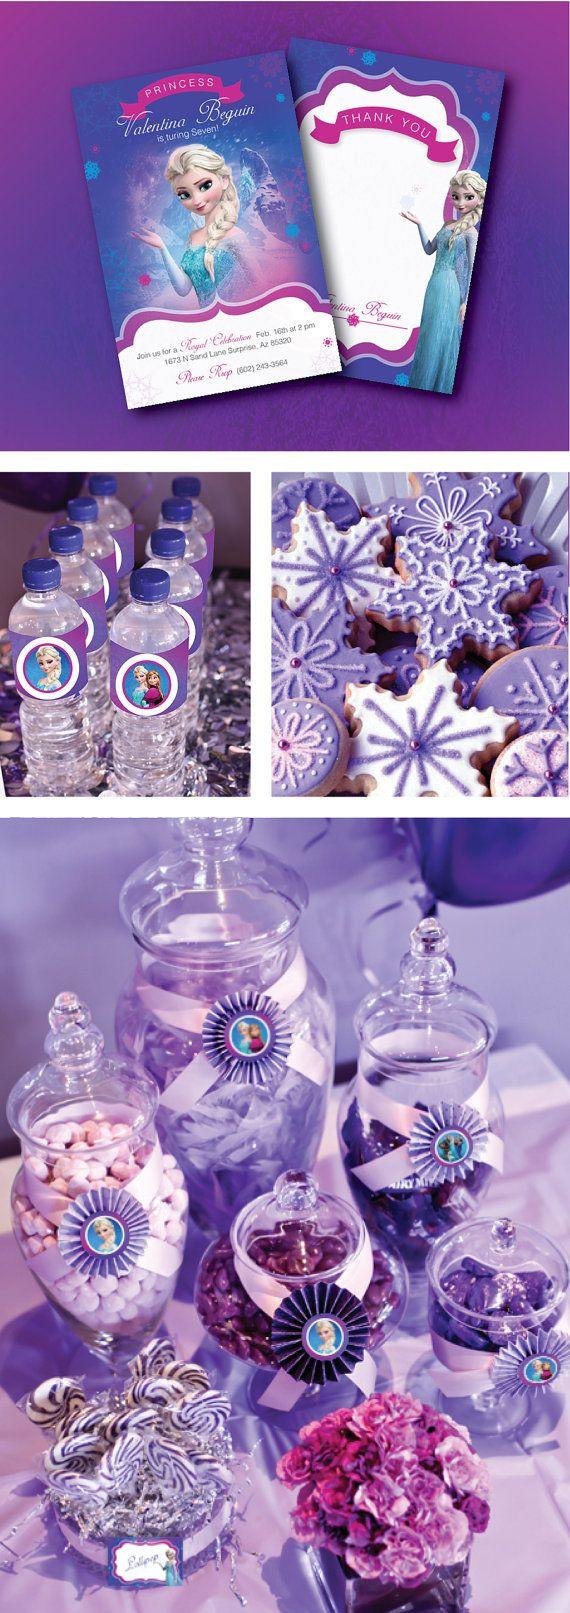 ideas-para-organizar-una-fiesta-de-frozen